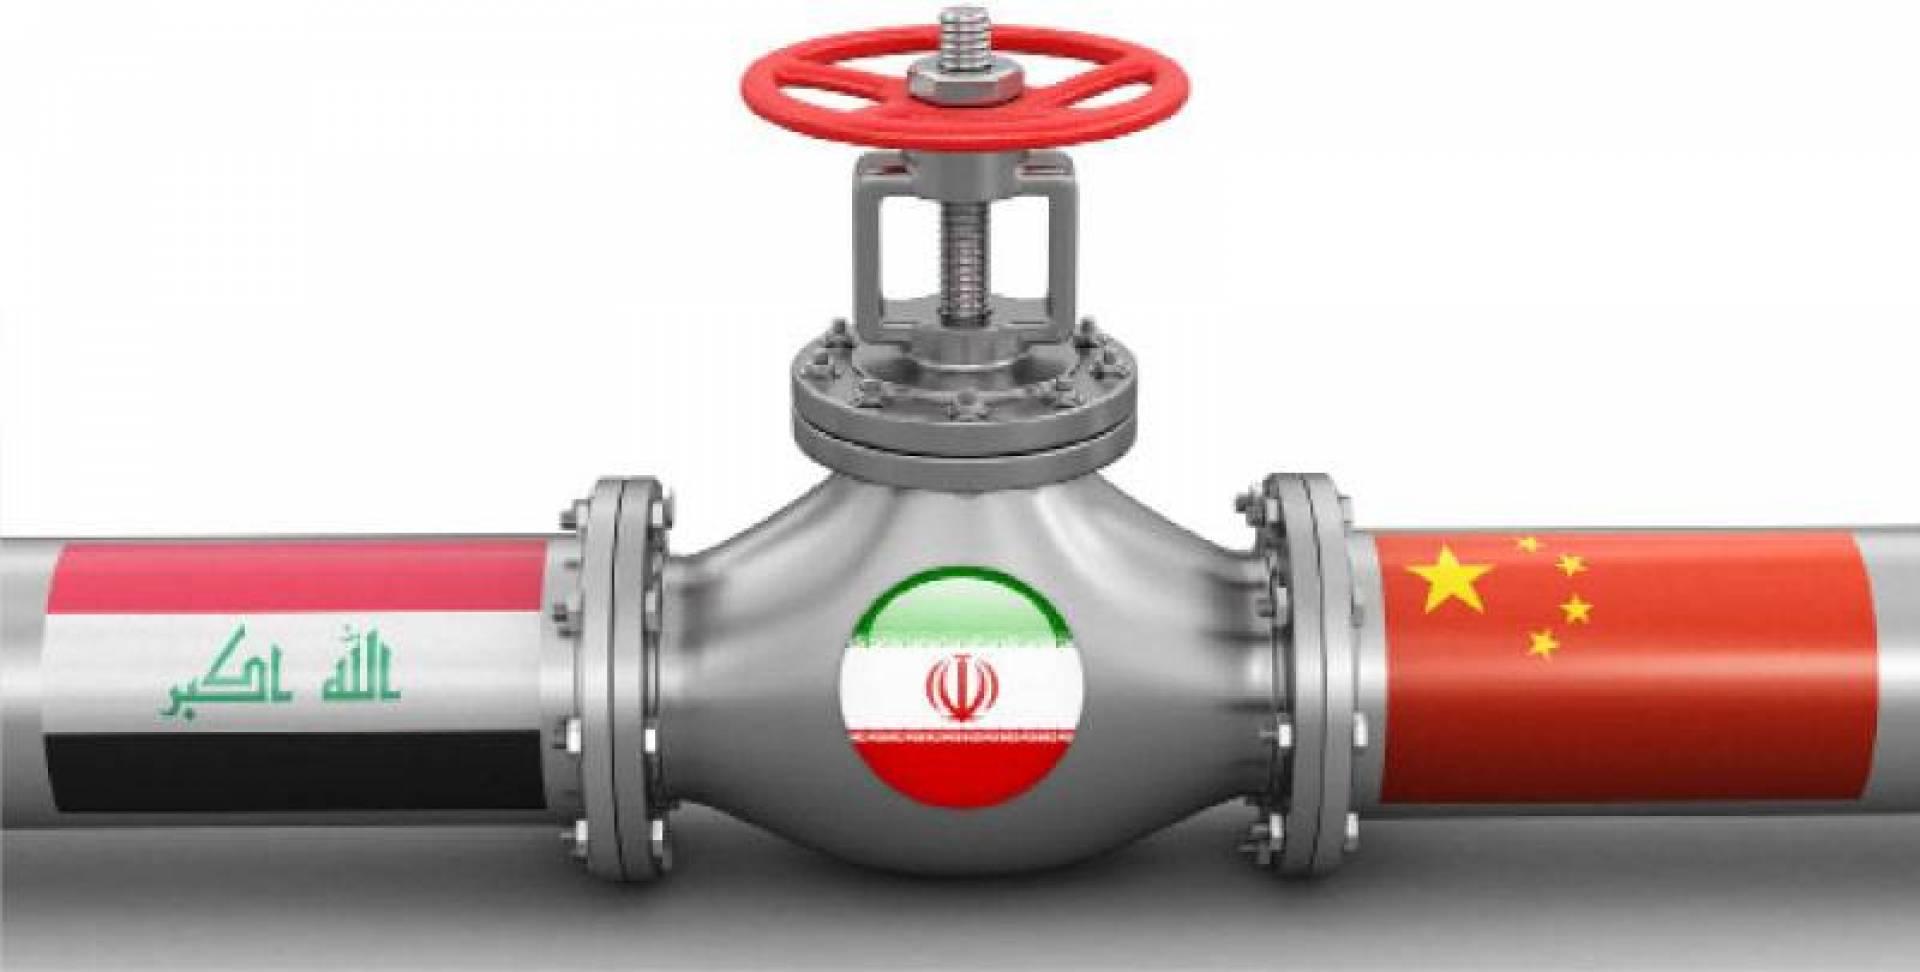 الصين تخطط للسيطرة على نفط العراق بمباركة إيرانية